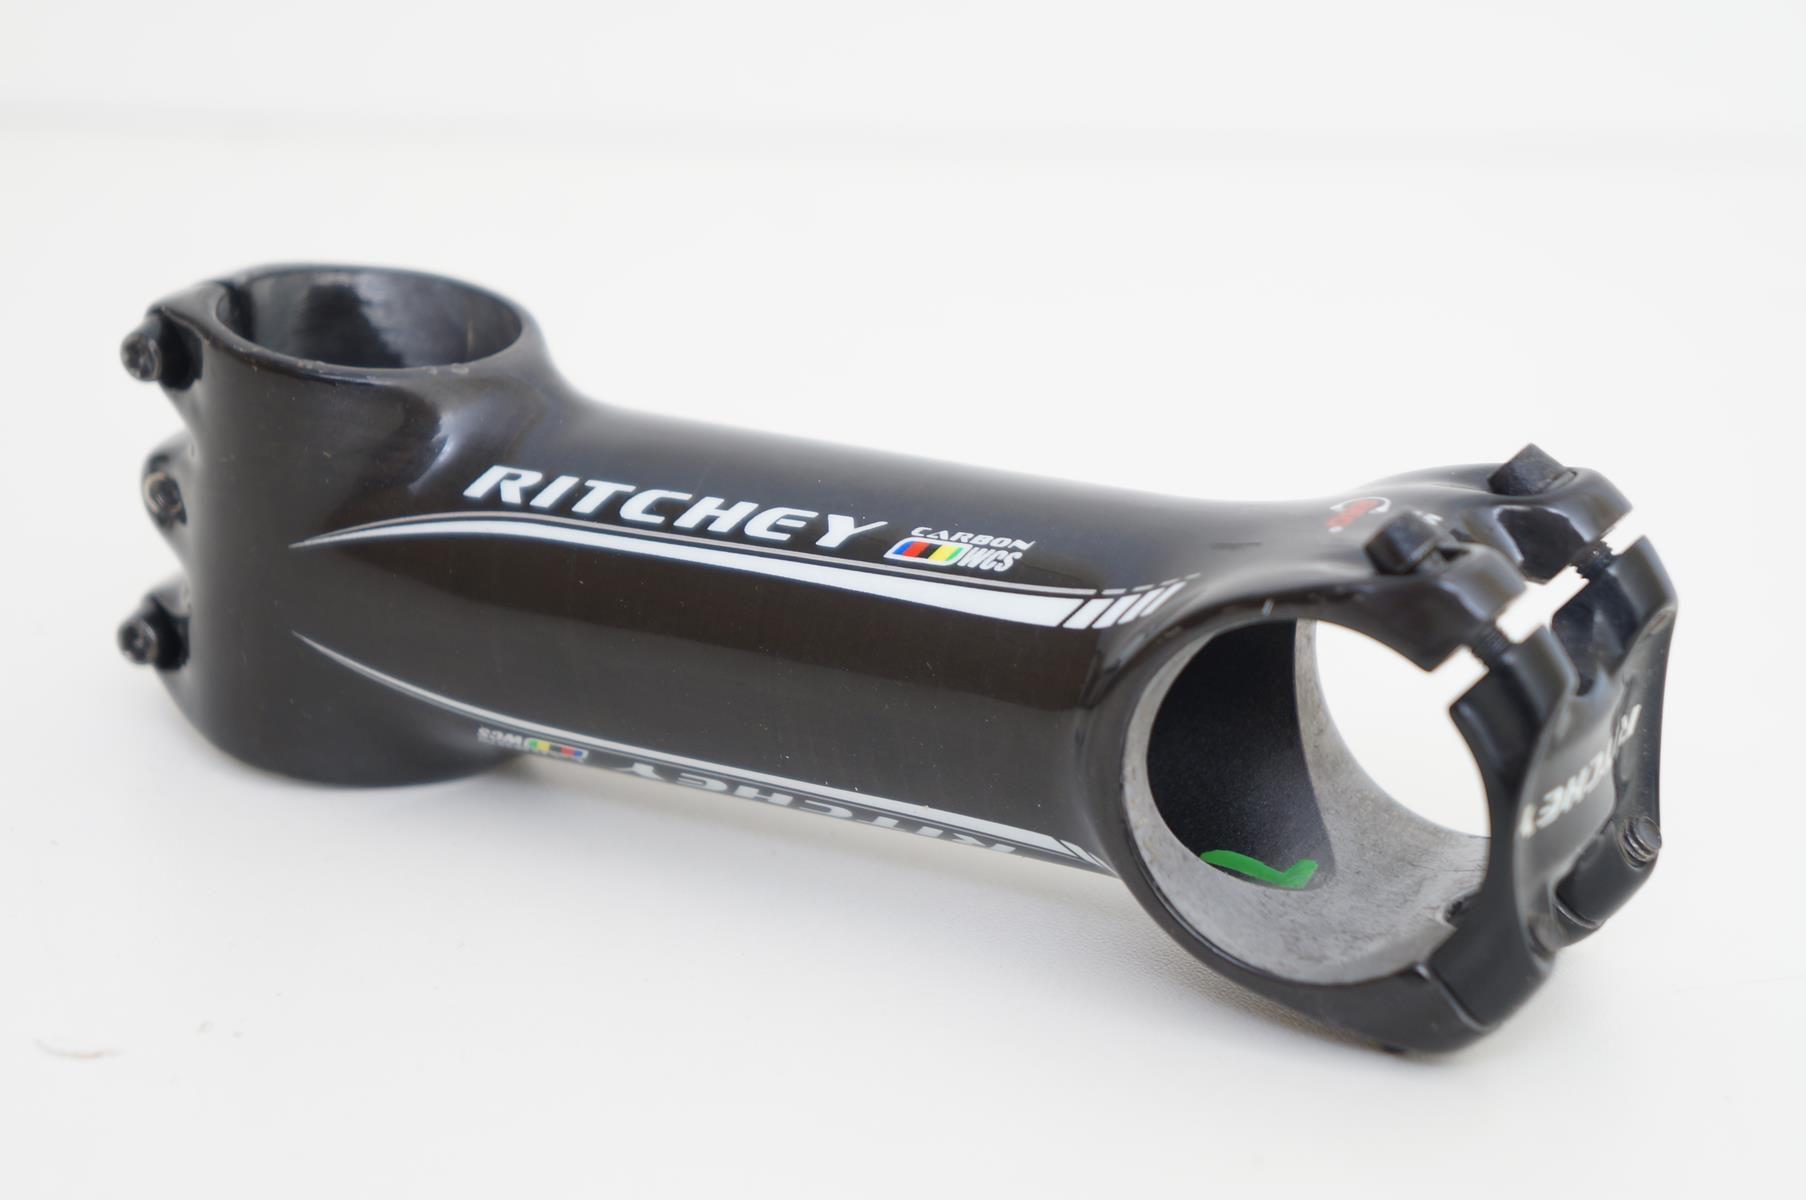 Mesa Bike Ritchey Wcs C260 Carbono 110mm 31.8mm 6º/84º 117g - USADO